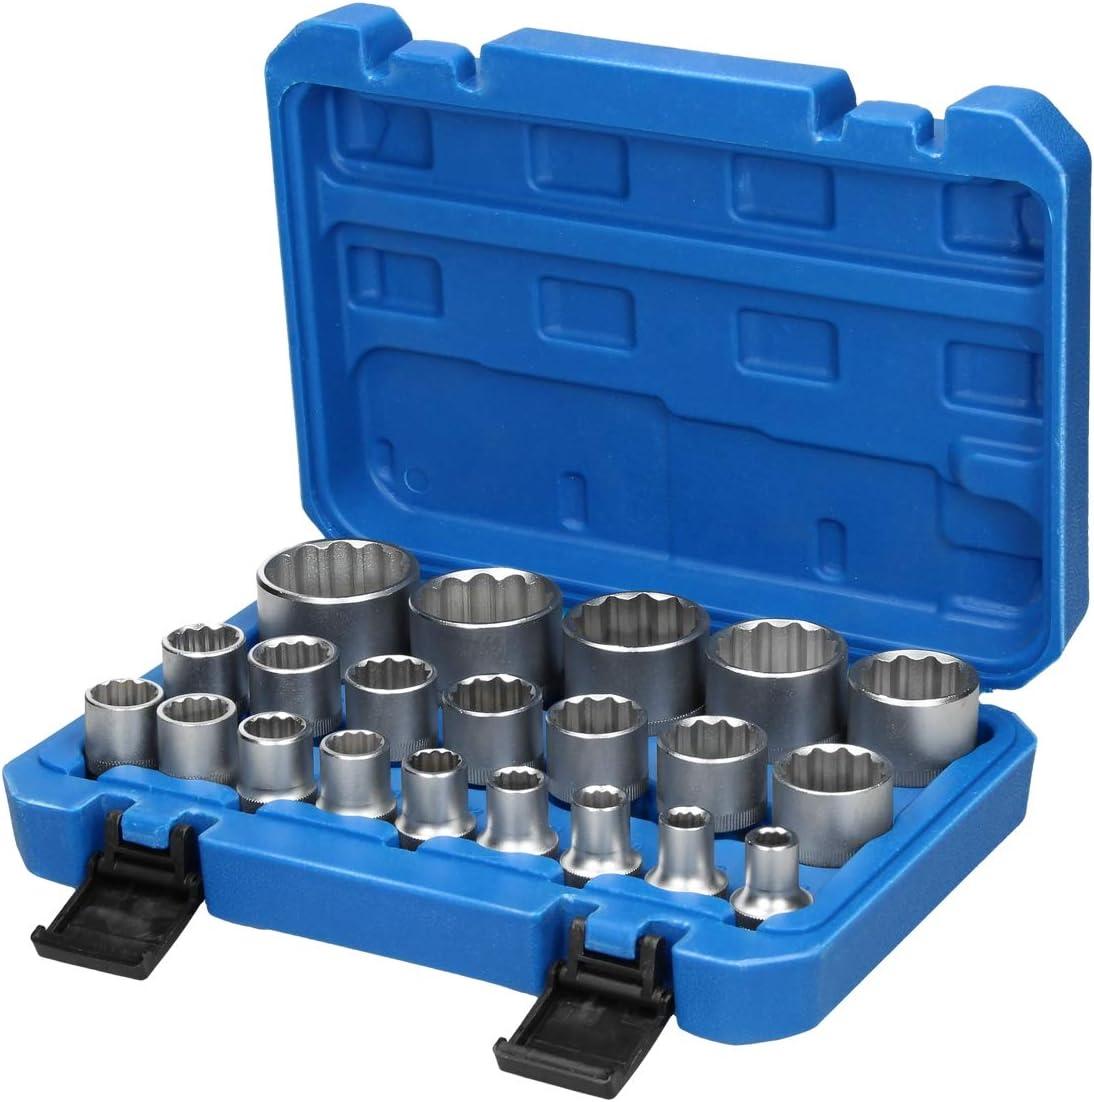 ECD Germany Cilnceles Set 12 piezas cromados juego de herramientas de acero al vanadio pin perforadora cincel plano cinceles para trabajo artesanal de bricolaje conjunto de herramientas de talla